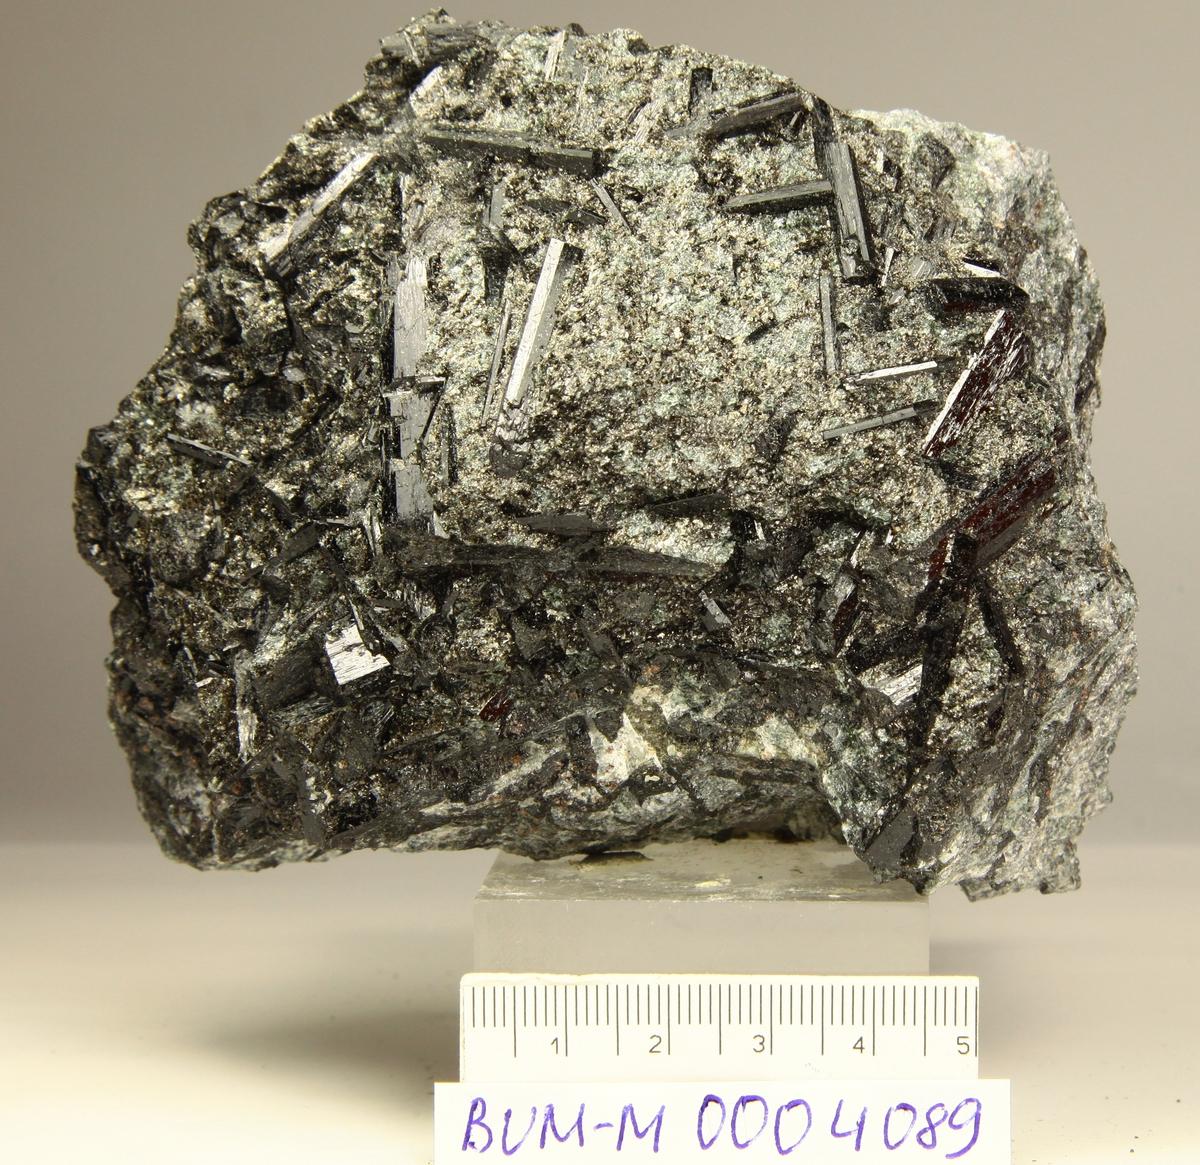 Dravitt, sorte xls i biotitt og kloritt. Granat, talk.